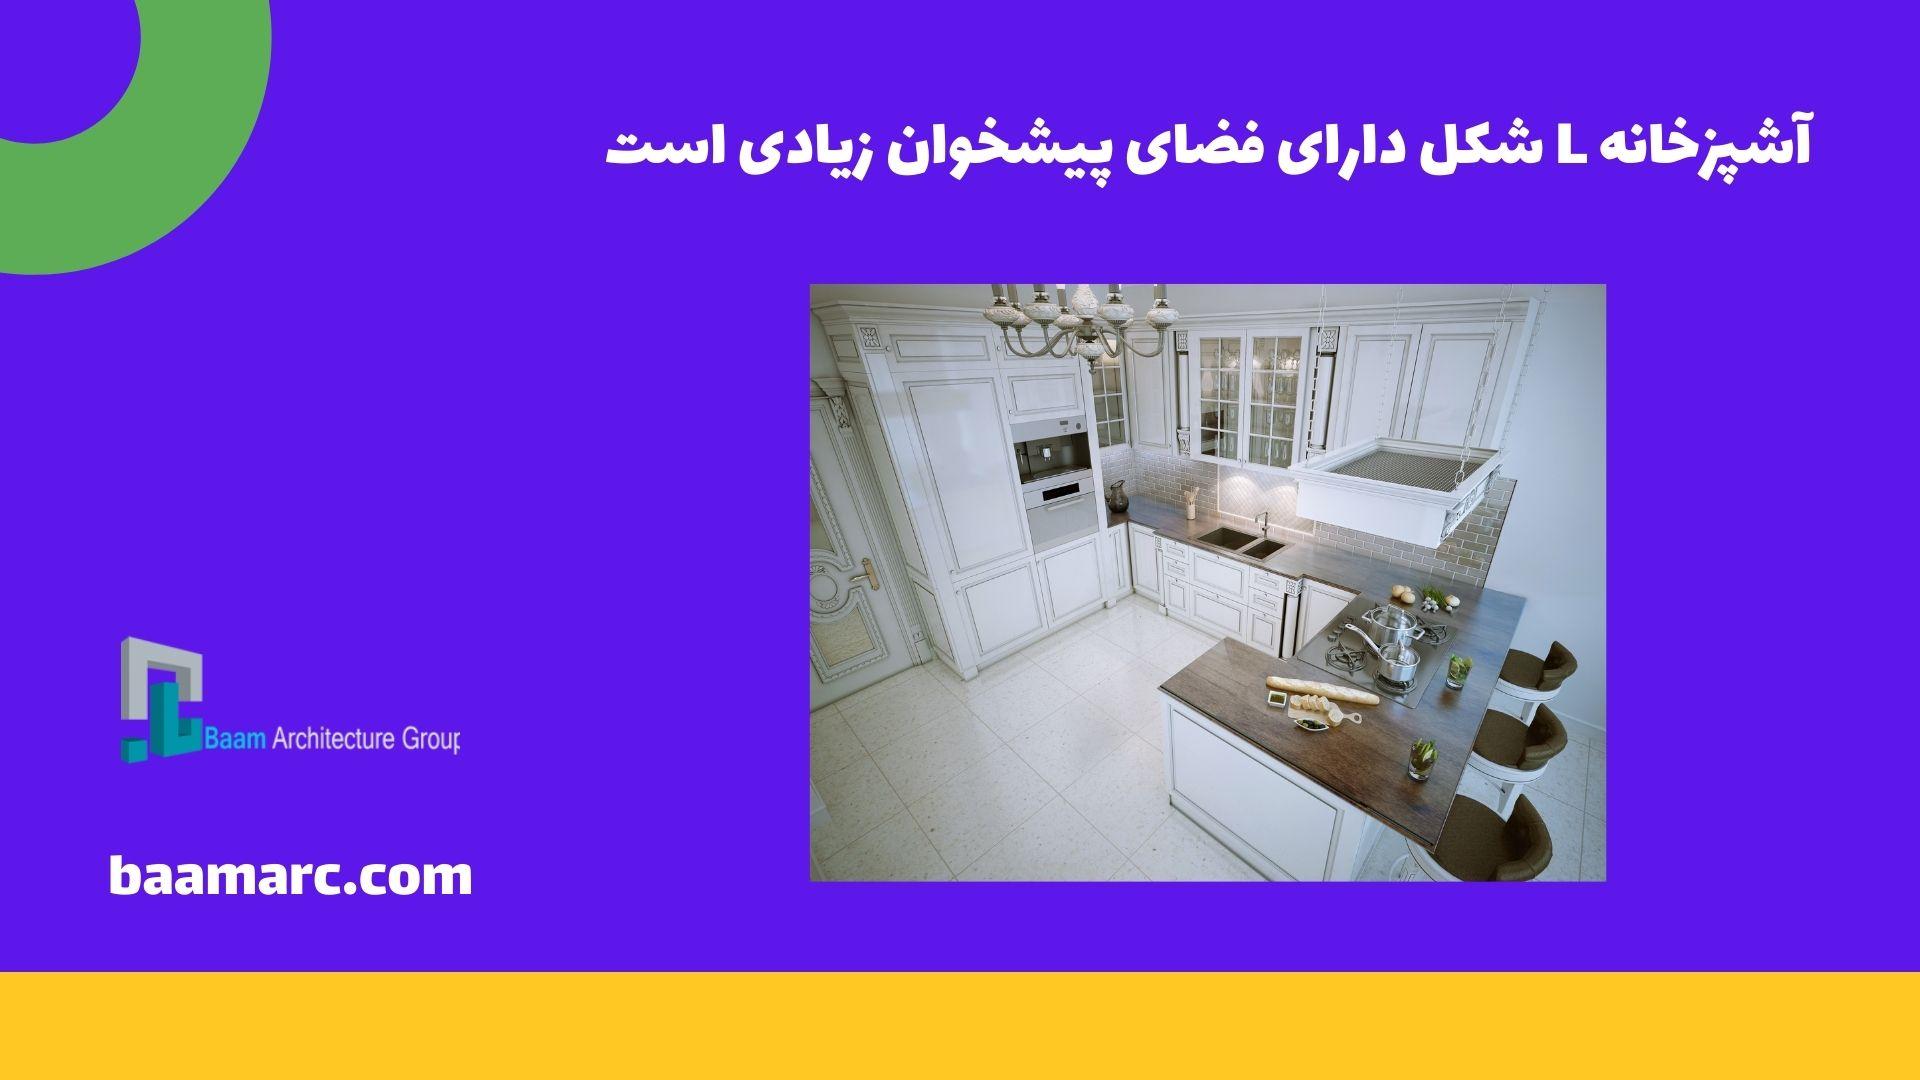 آشپزخانه L شکل دارای فضای پیشخوان زیادی است